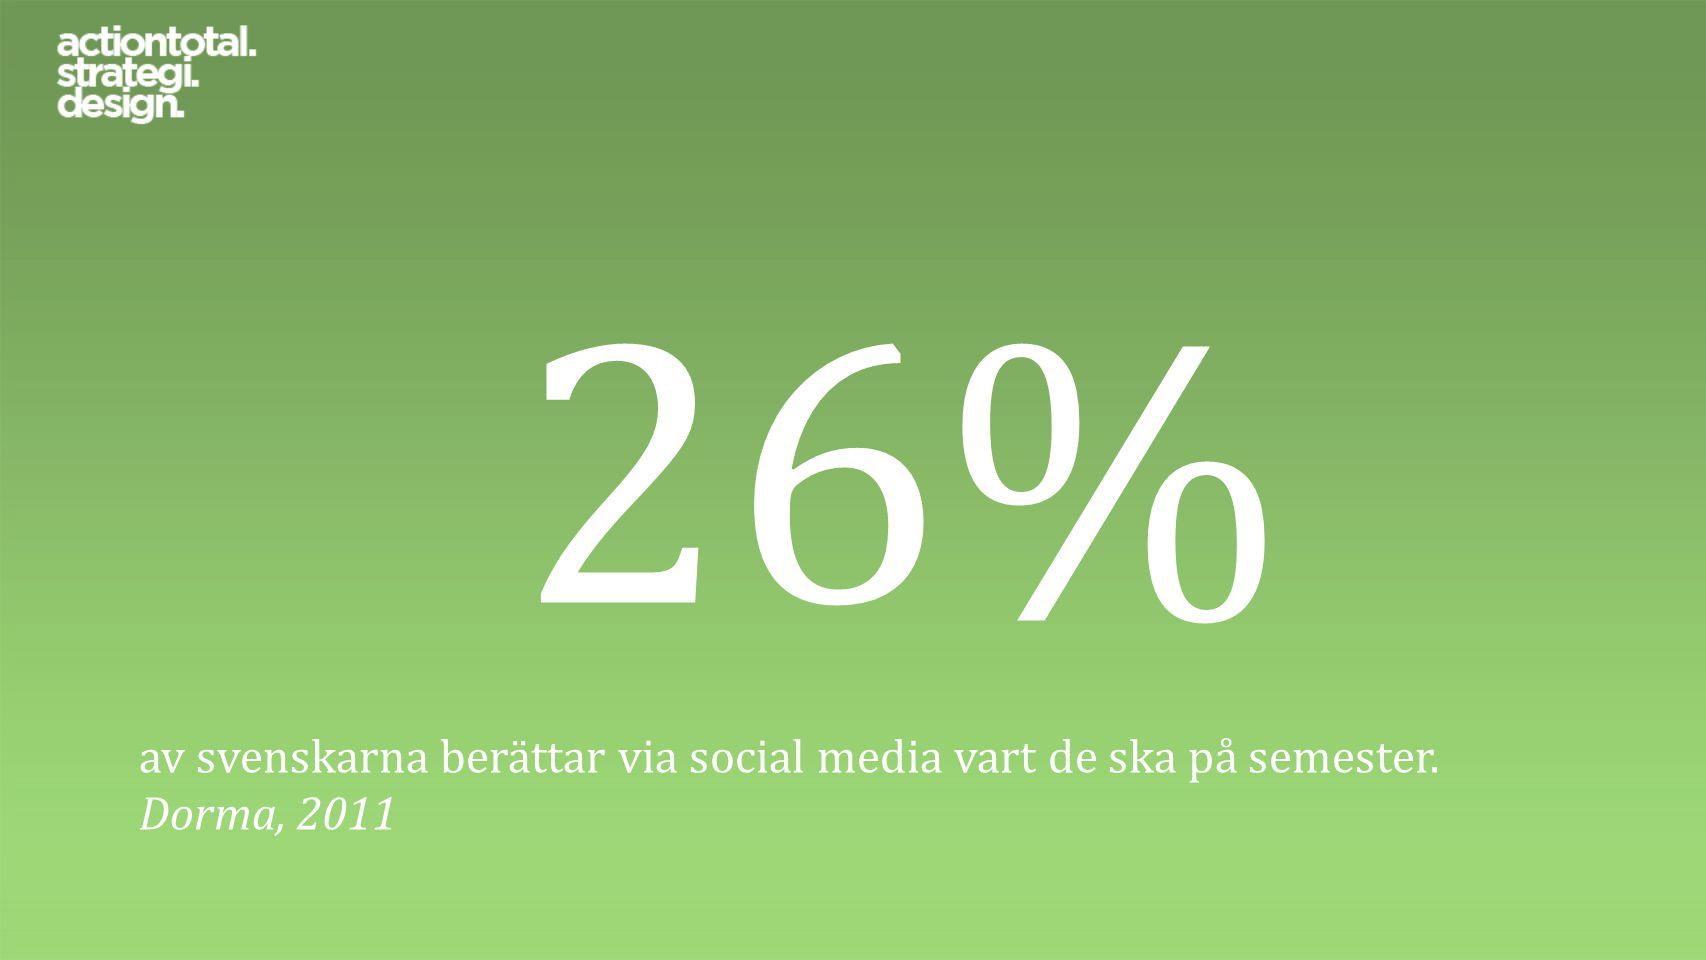 26% av svenskarna berättar via social media vart de ska på semester. Dorma, 2011